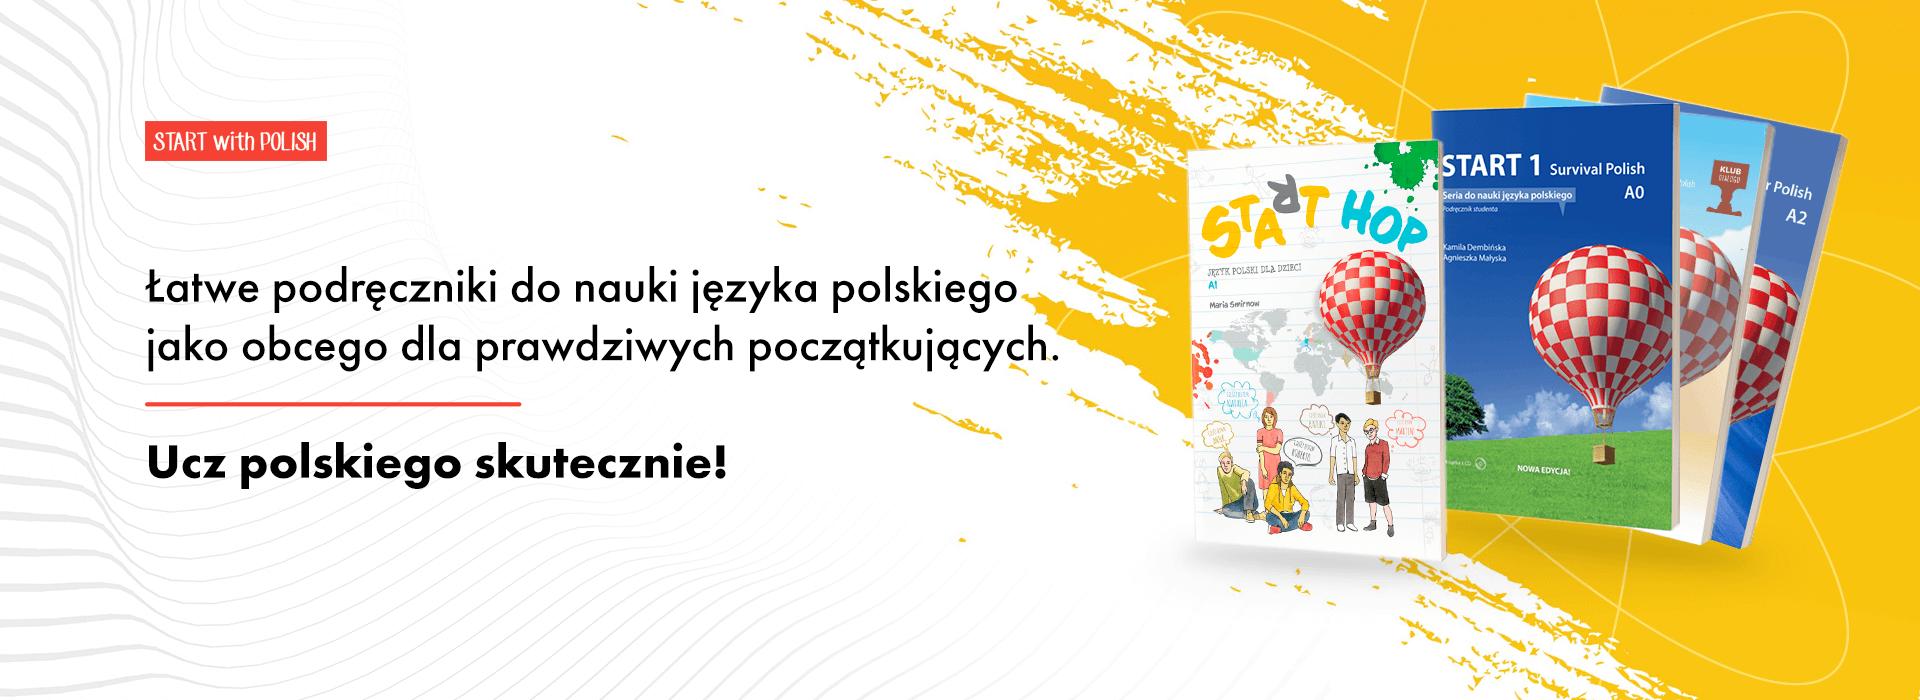 nauka języka polskiego dla obcokrajowców